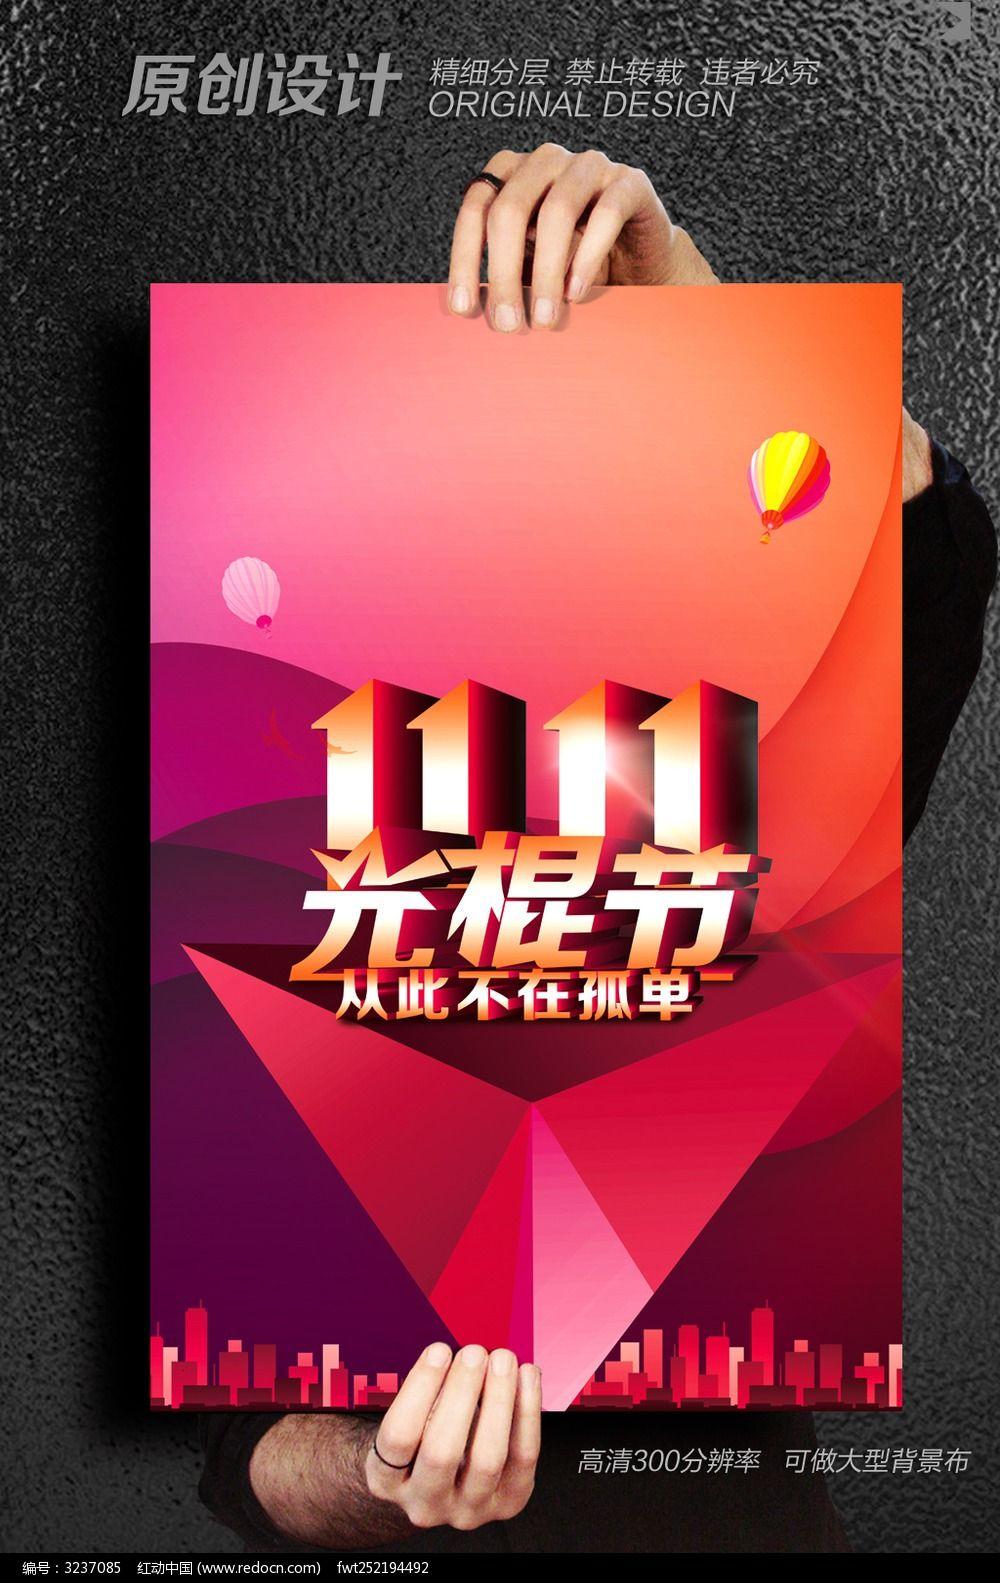 双11光棍节海报背景图片